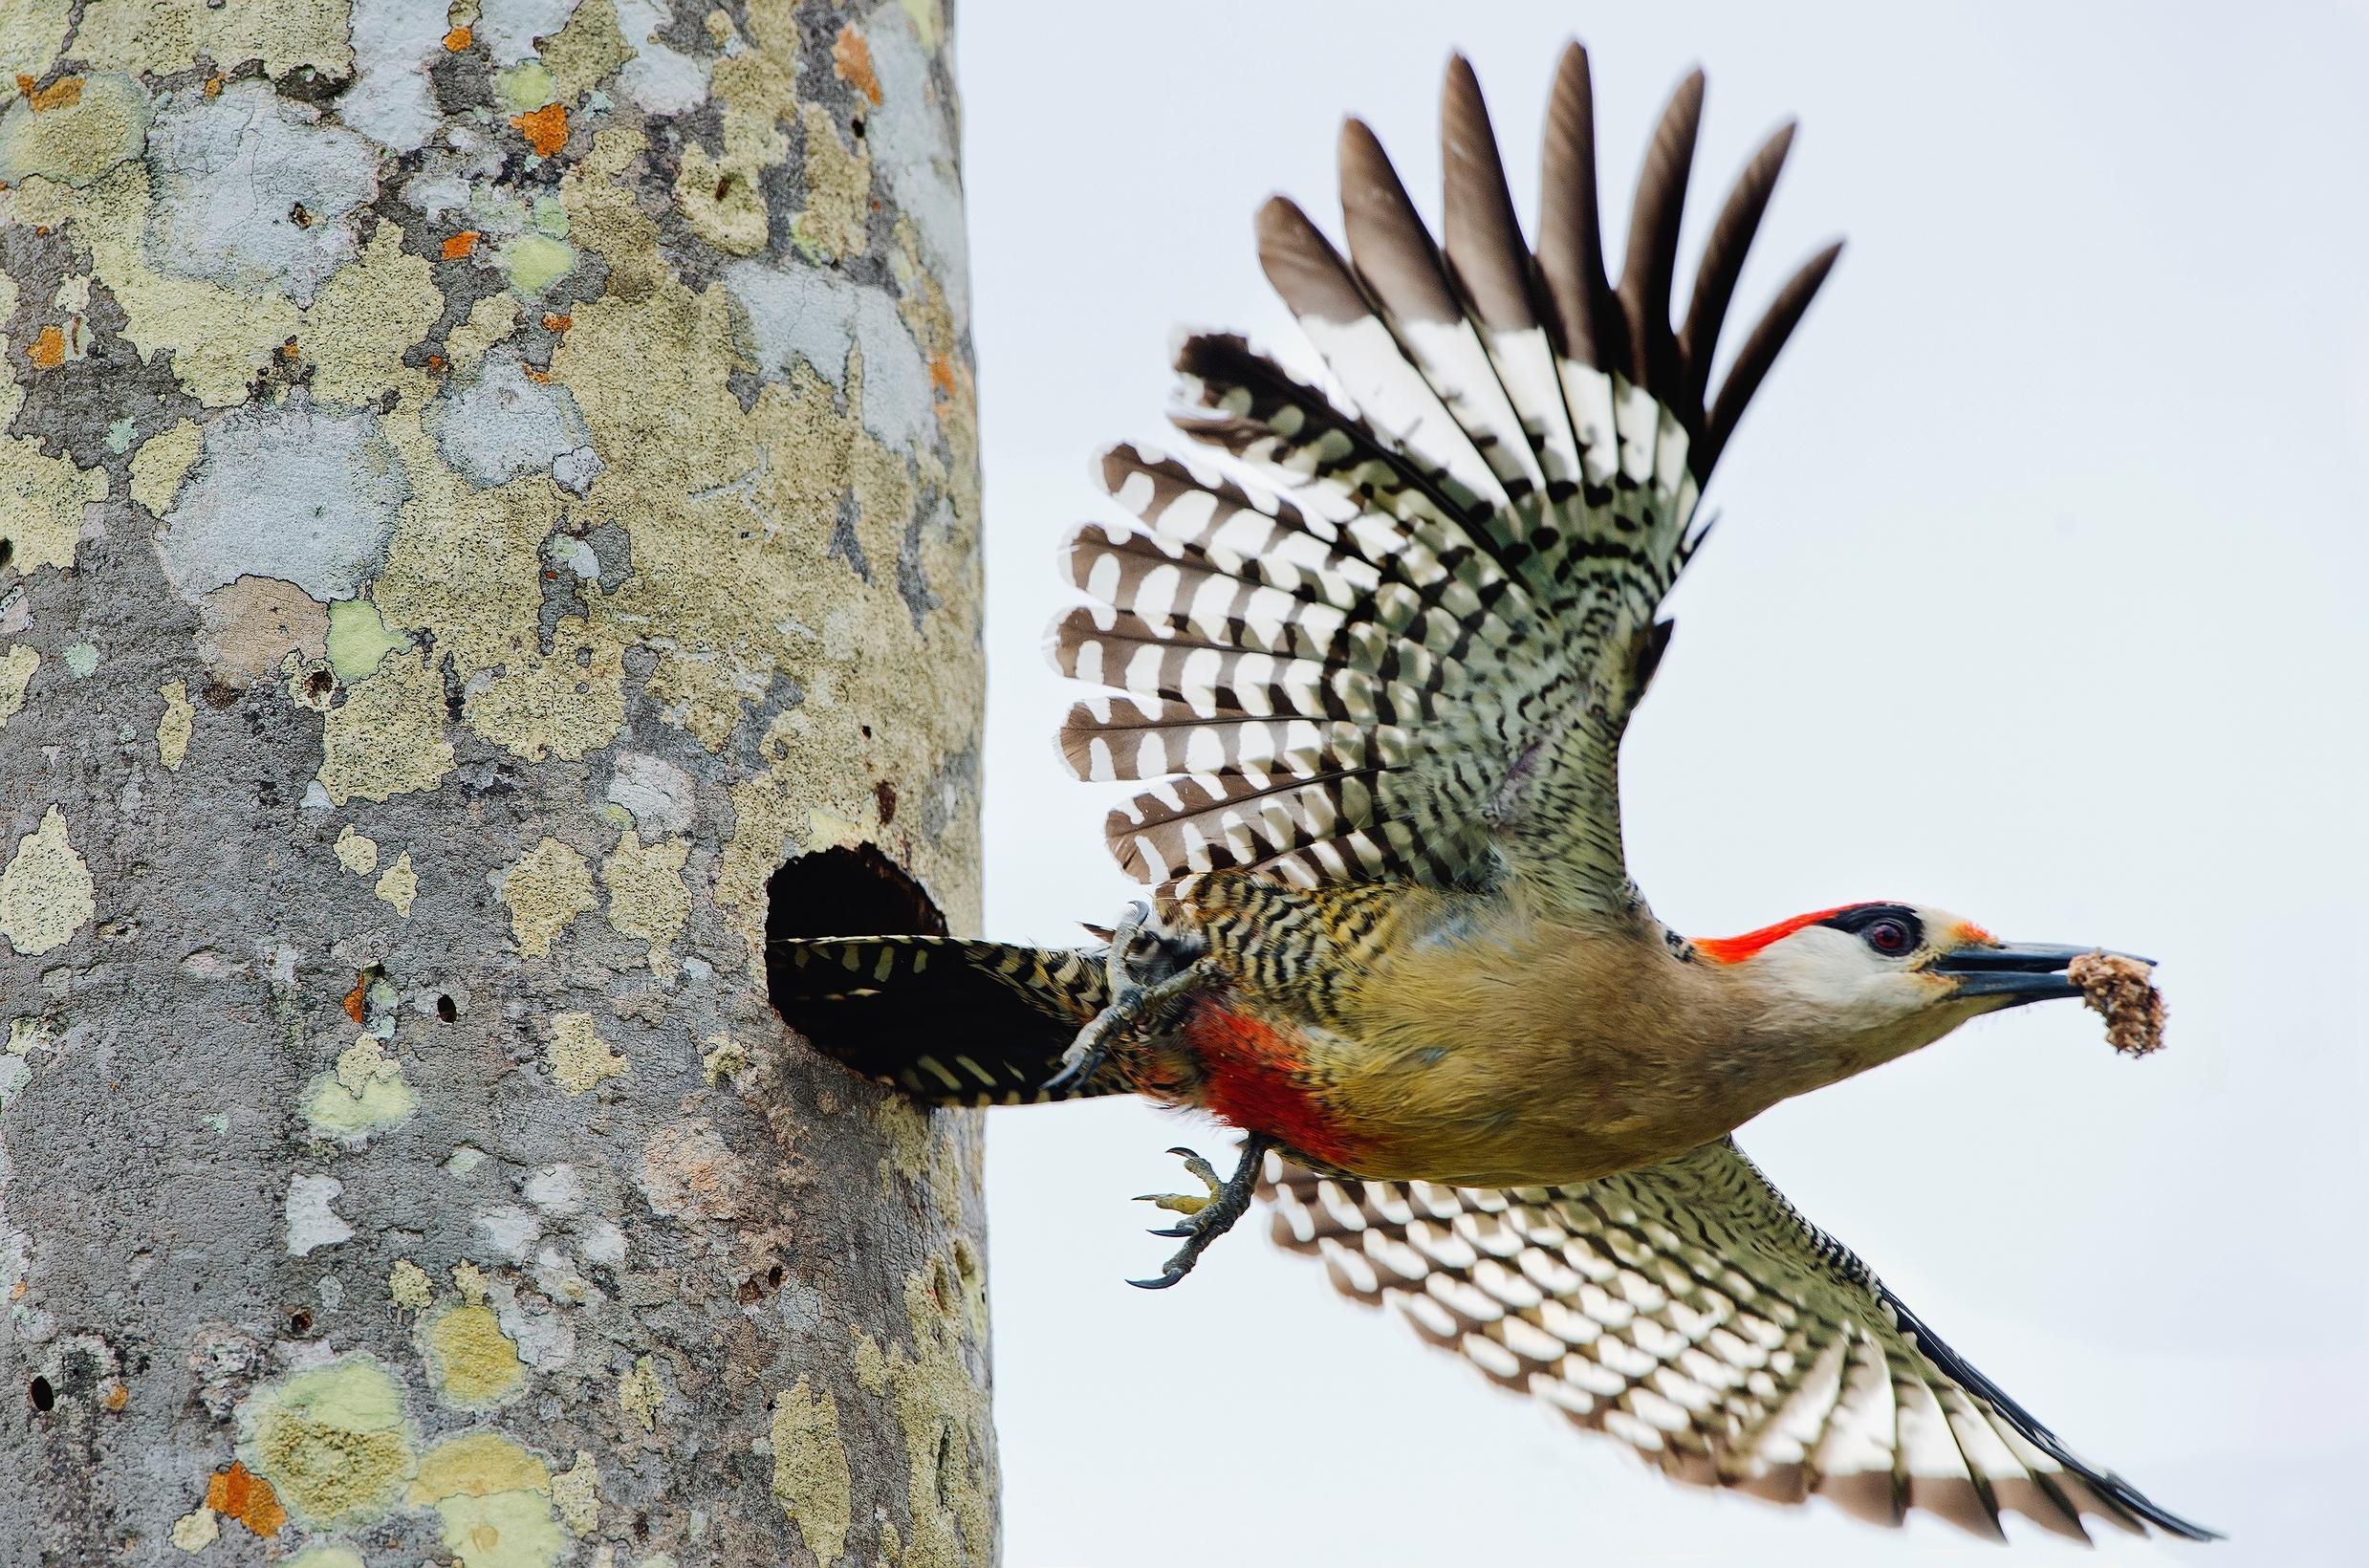 Woodpecker leaving nest